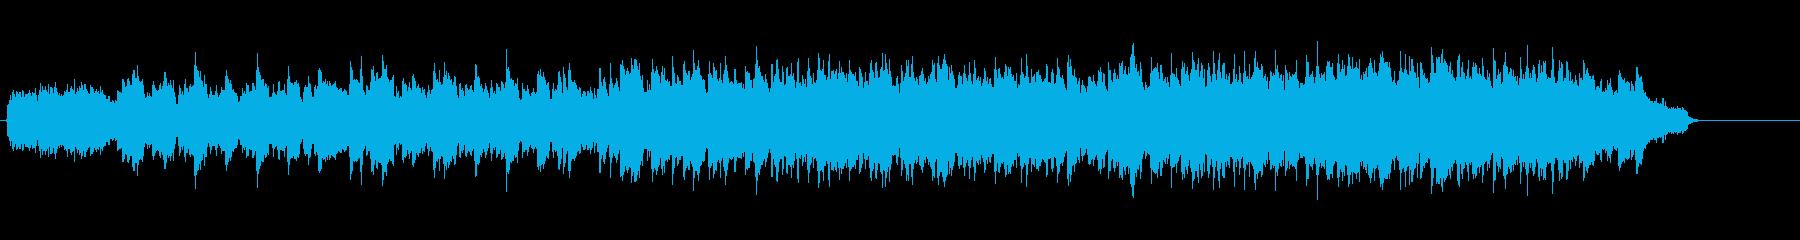 ヨーロピアンテイストの叙情的バラードの再生済みの波形